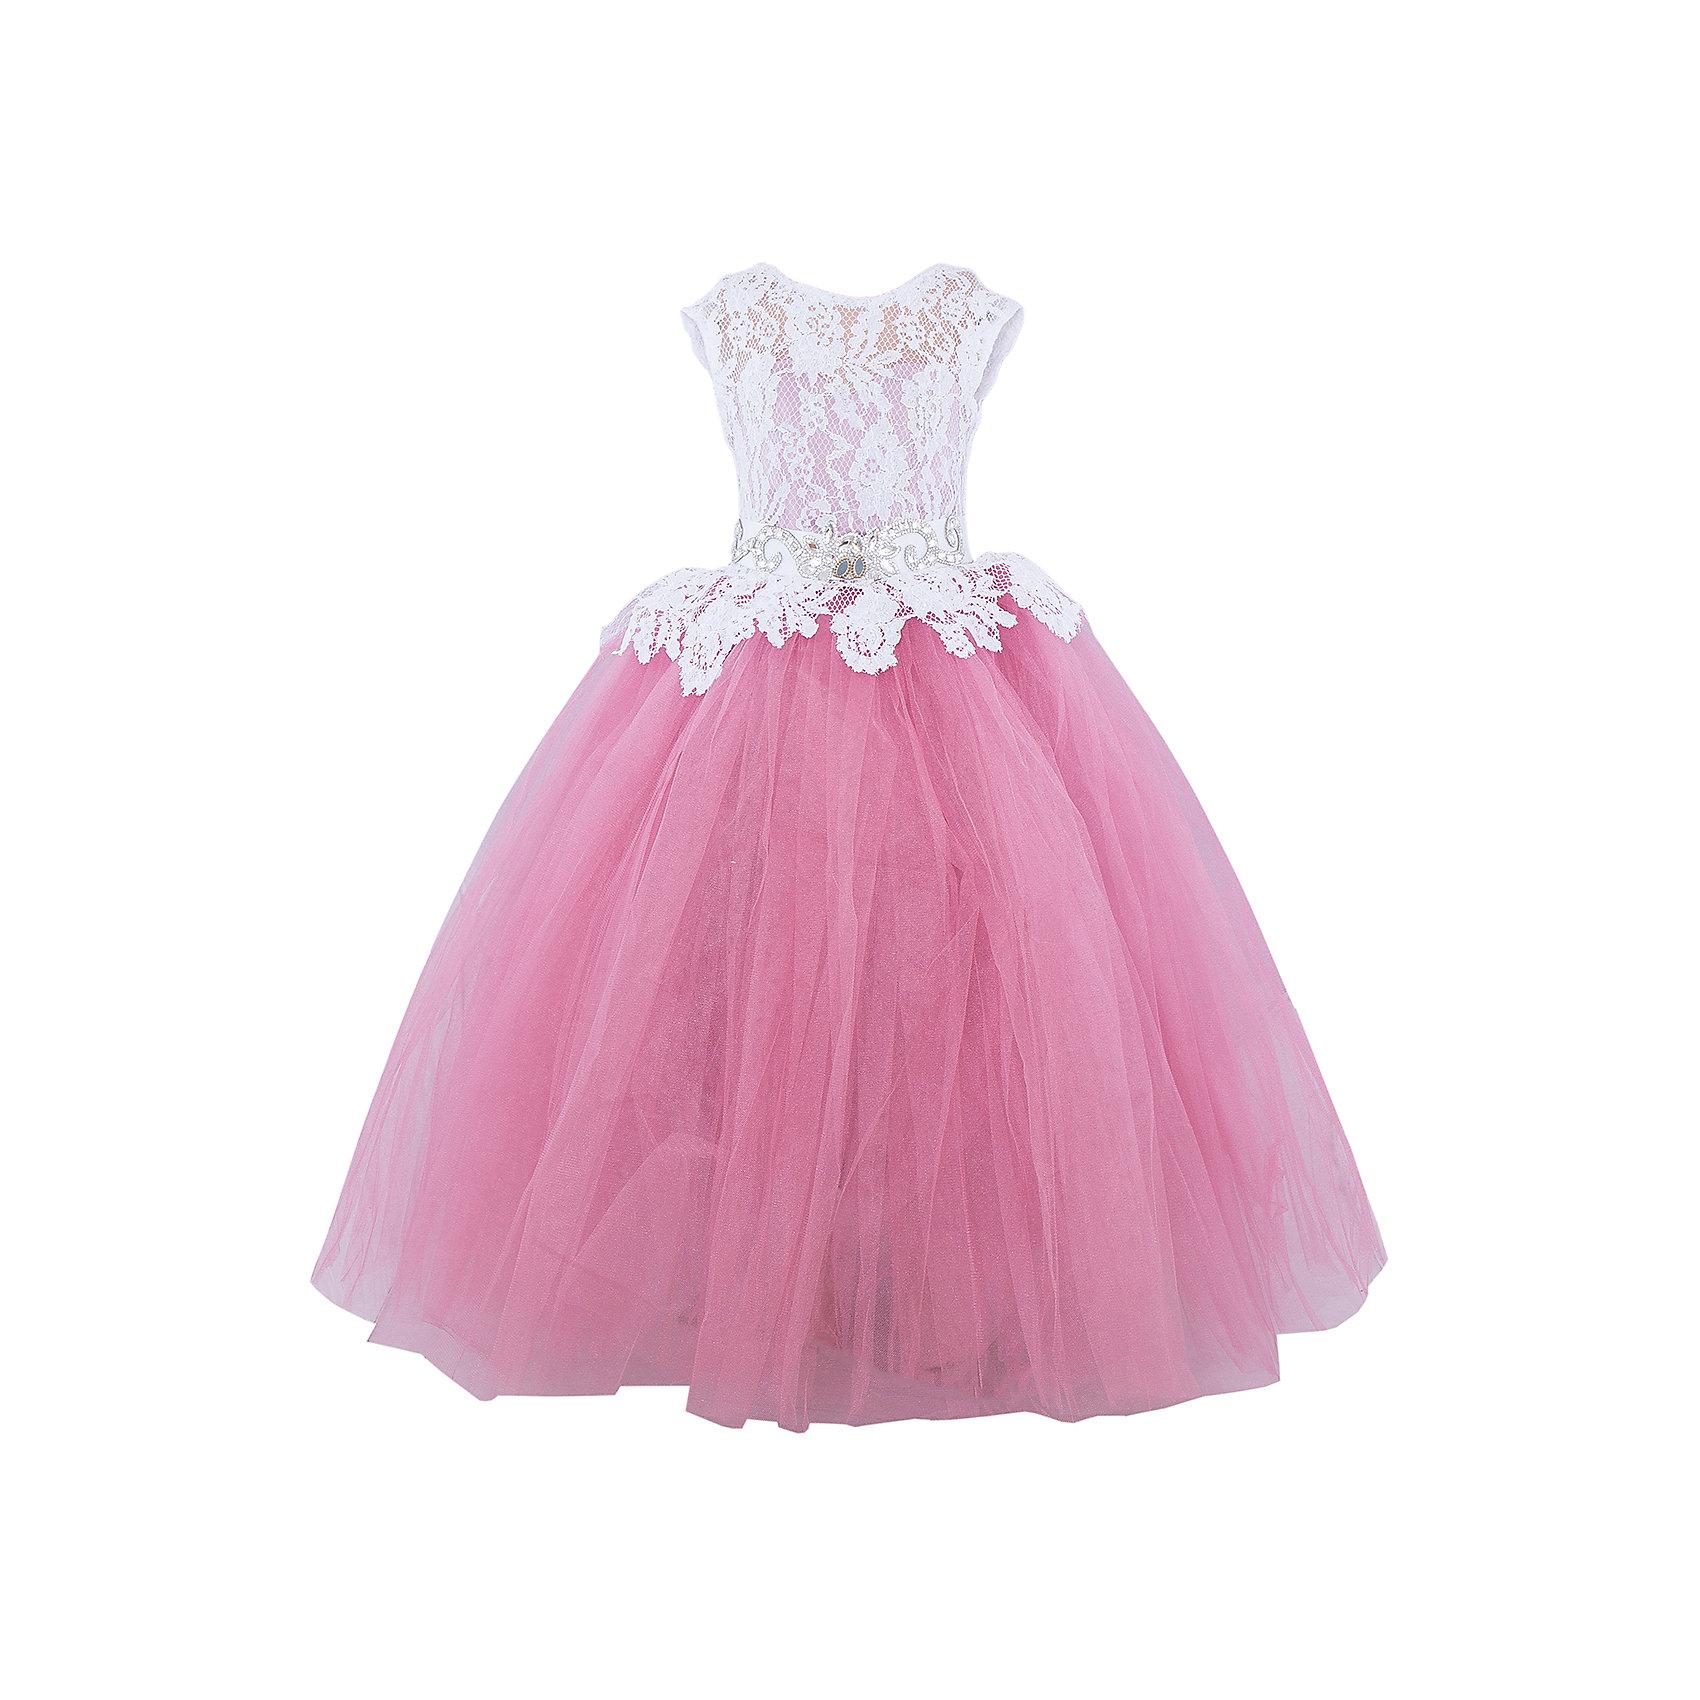 Платье нарядное ПрестижОдежда<br>Платье для девочки Престиж.<br><br>Характеристики:<br><br>• пышный силуэт<br>• корсет<br>• без рукавов<br>• цвет: красный<br>• состав: 100% полиэстер<br><br>Платье для девочки Престиж имеет пышный силуэт и яркий дизайн. Полупрозрачный кружевной верх платья идеально дополняет яркую юбку. Платье дополнено красивым поясом с украшением. С этим платьем девочка всегда будет в центре внимания!<br><br>Платье регулируется шнуровкой сзади, от талии до верха спинки. Шнуровка в комплекте.<br>Платье подходит для занятий бальными танцами.<br><br>Вы можете приобрести платье для девочки Престиж в нашем интернет-магазине.<br><br>Ширина мм: 236<br>Глубина мм: 16<br>Высота мм: 184<br>Вес г: 177<br>Цвет: розовый<br>Возраст от месяцев: 96<br>Возраст до месяцев: 108<br>Пол: Женский<br>Возраст: Детский<br>Размер: 122,116,128<br>SKU: 5158366